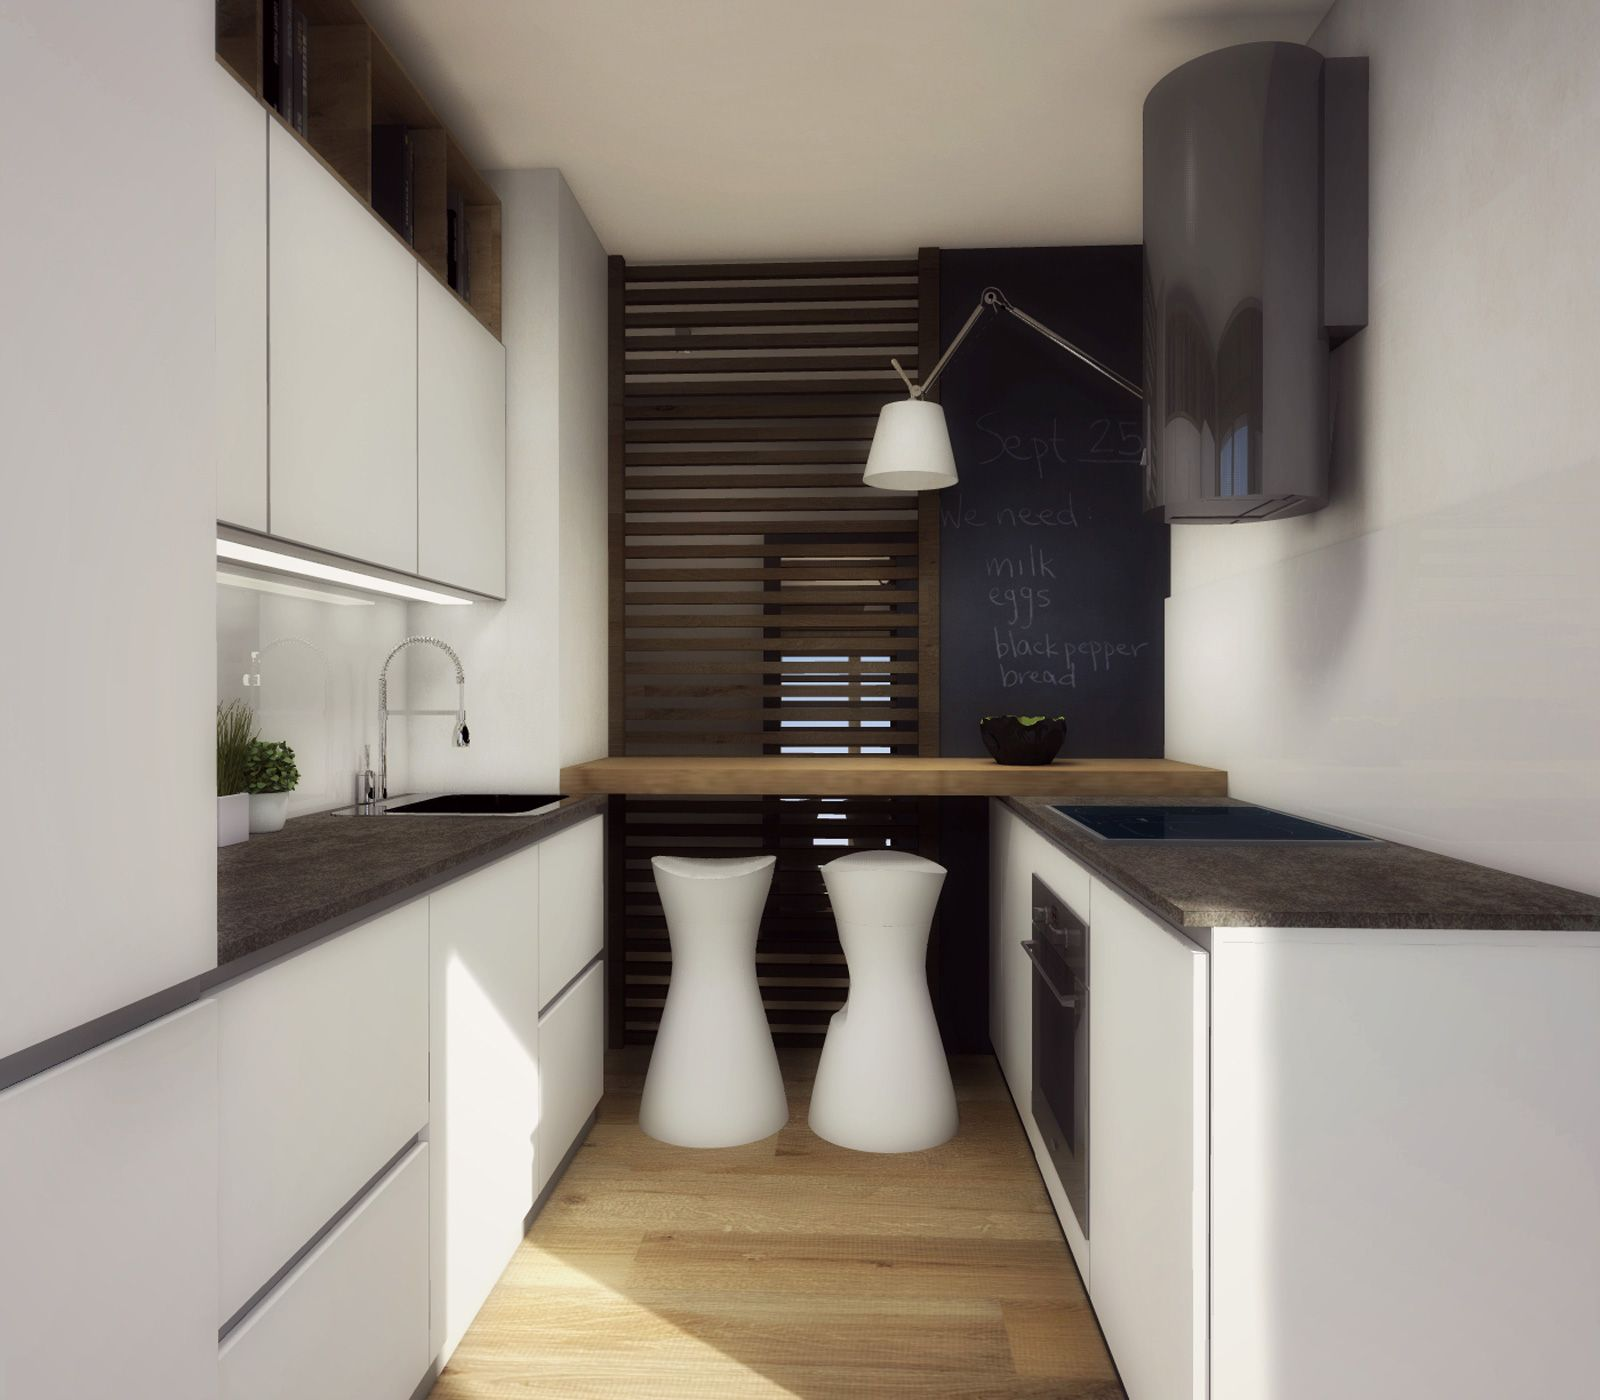 Arredamento cucine piccole un progetto per meno di 6 mq mono pinterest cucina piccola - Progetto arredo cucina ...